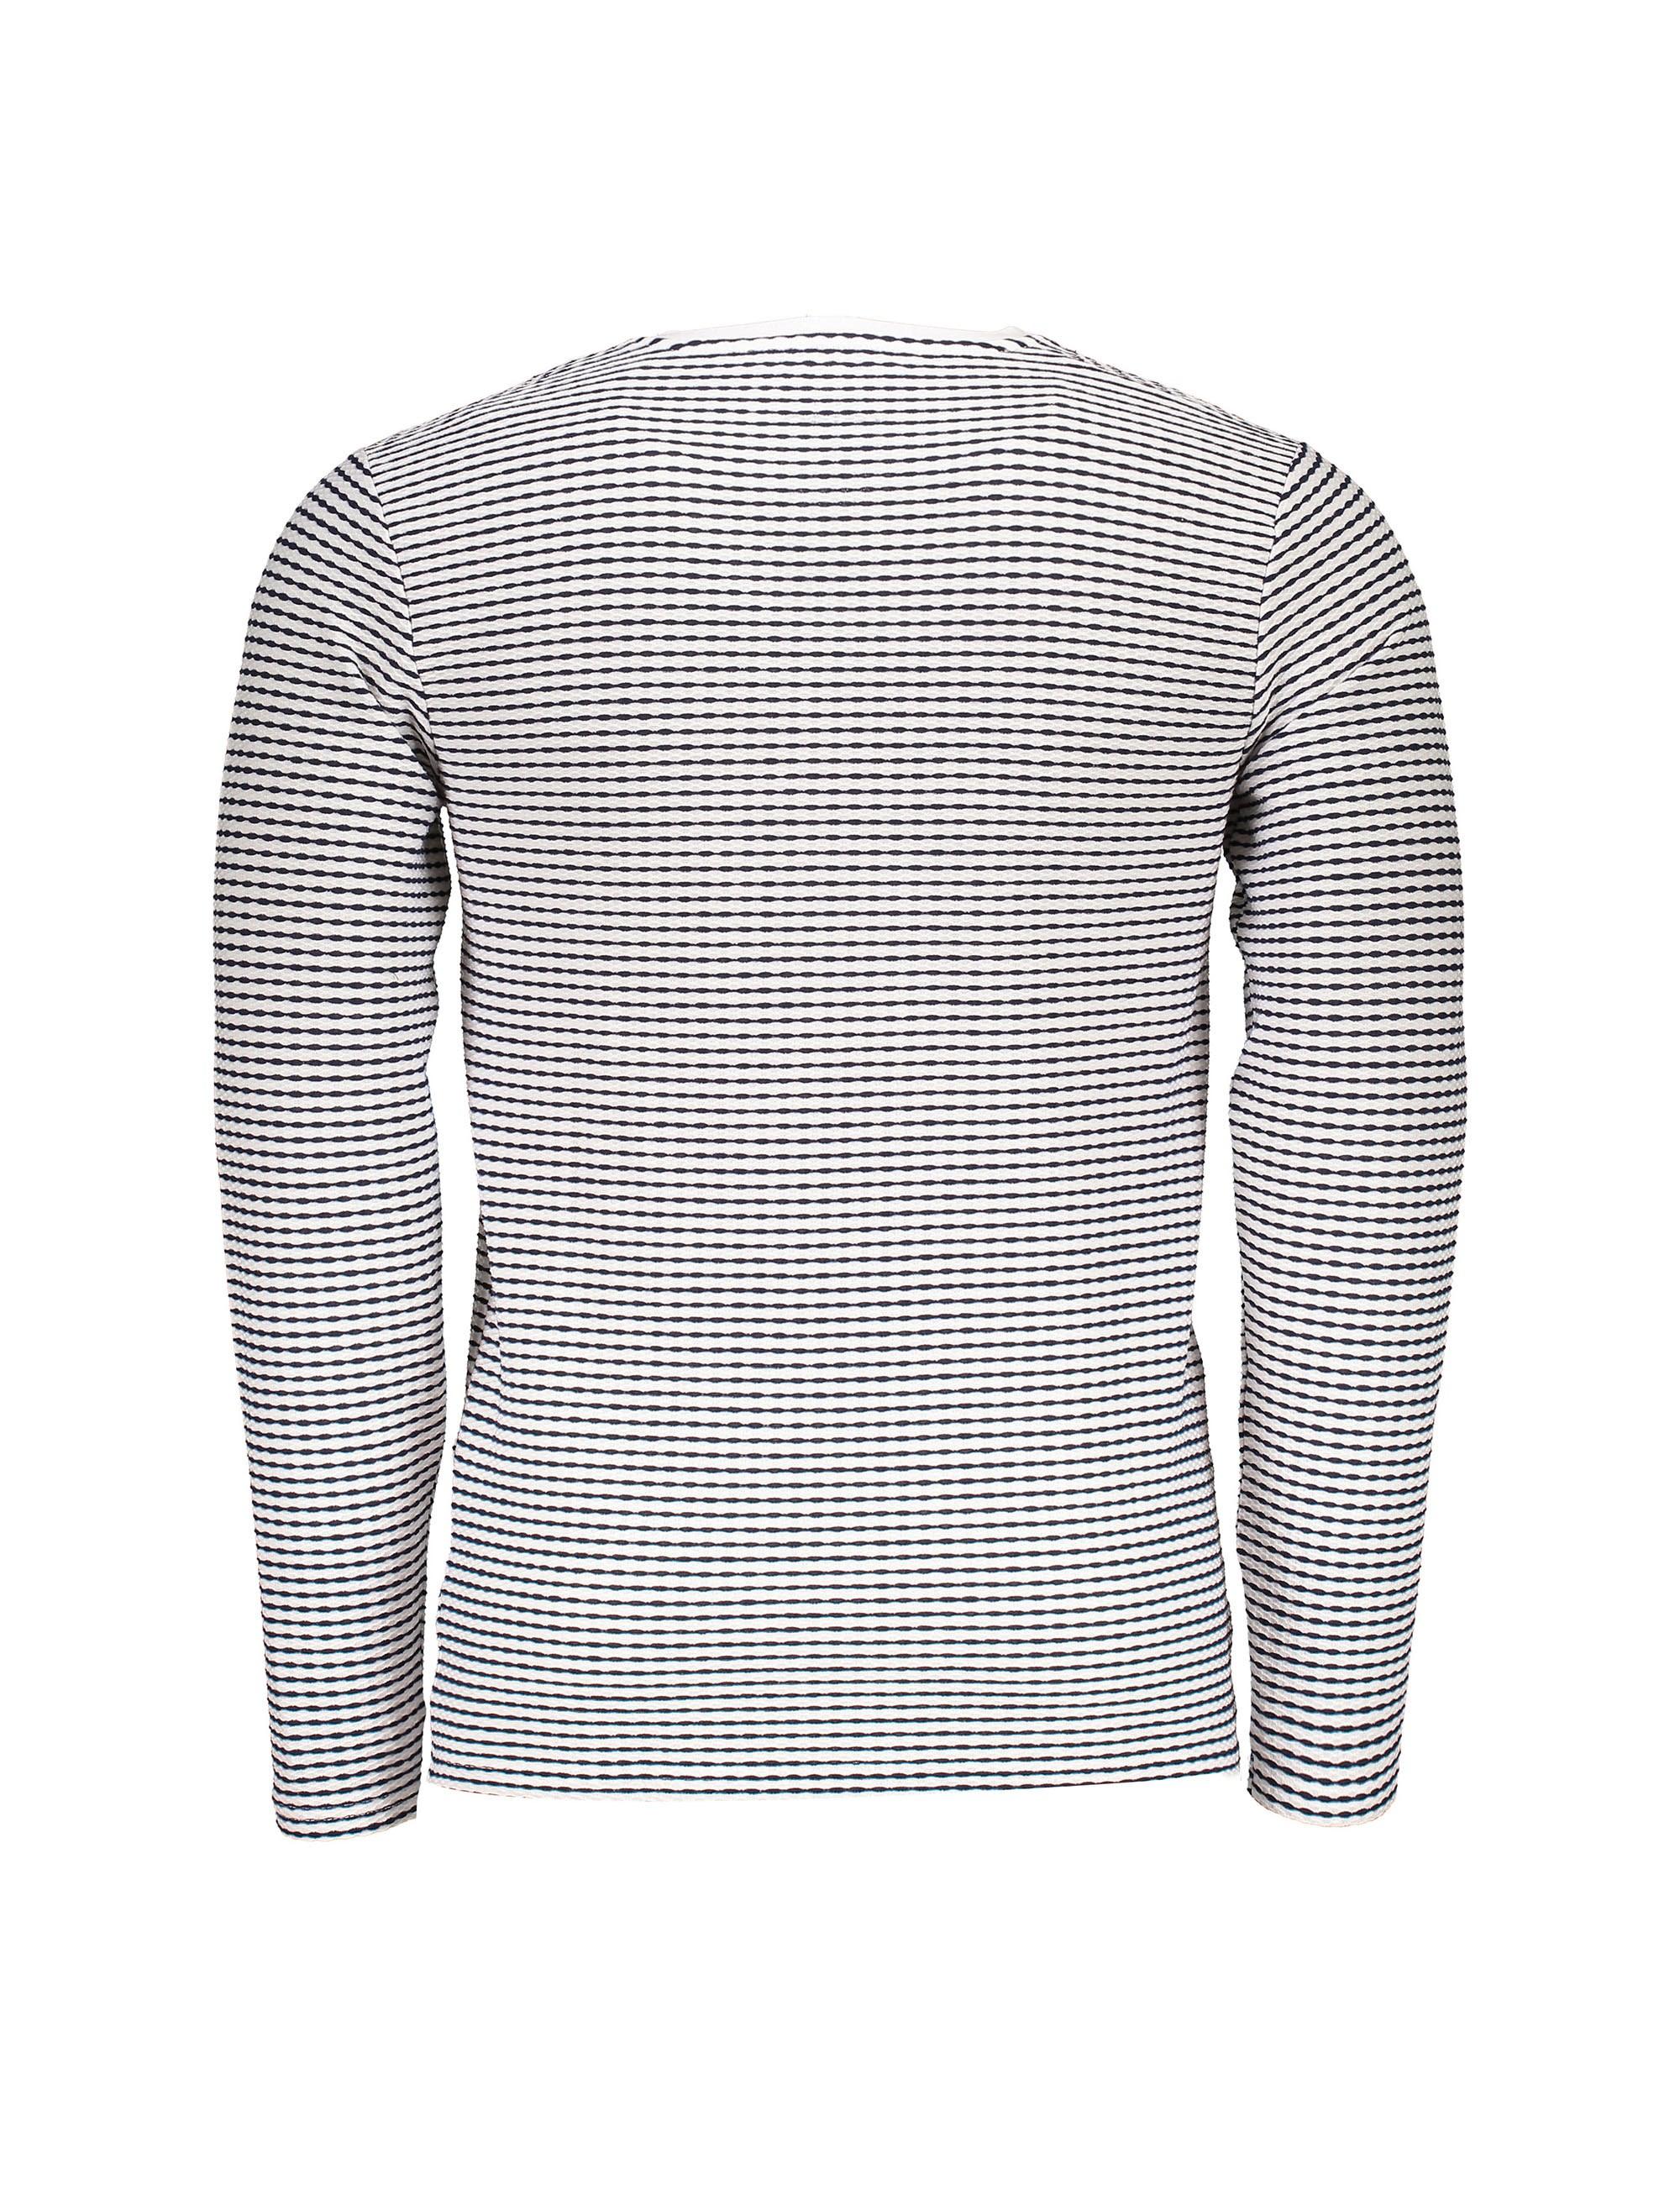 تی شرت یقه هفت مردانه - کوتون - سفيد و سرمه اي - 2